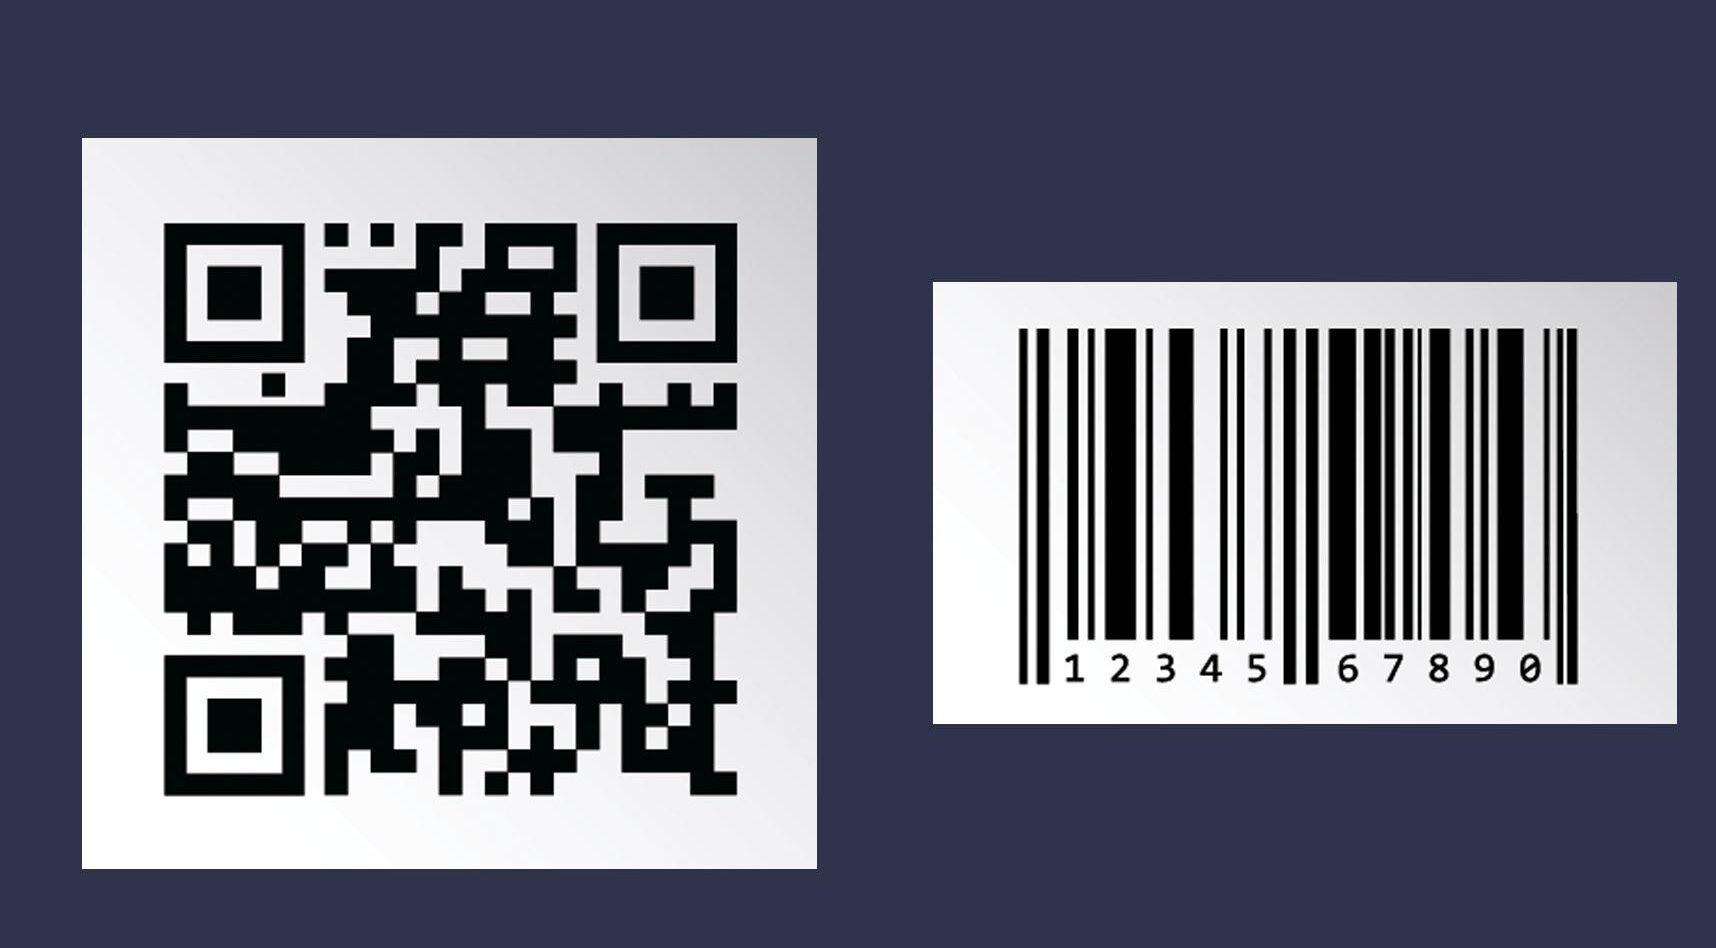 Как определяется подлинность товара по штрих-коду?